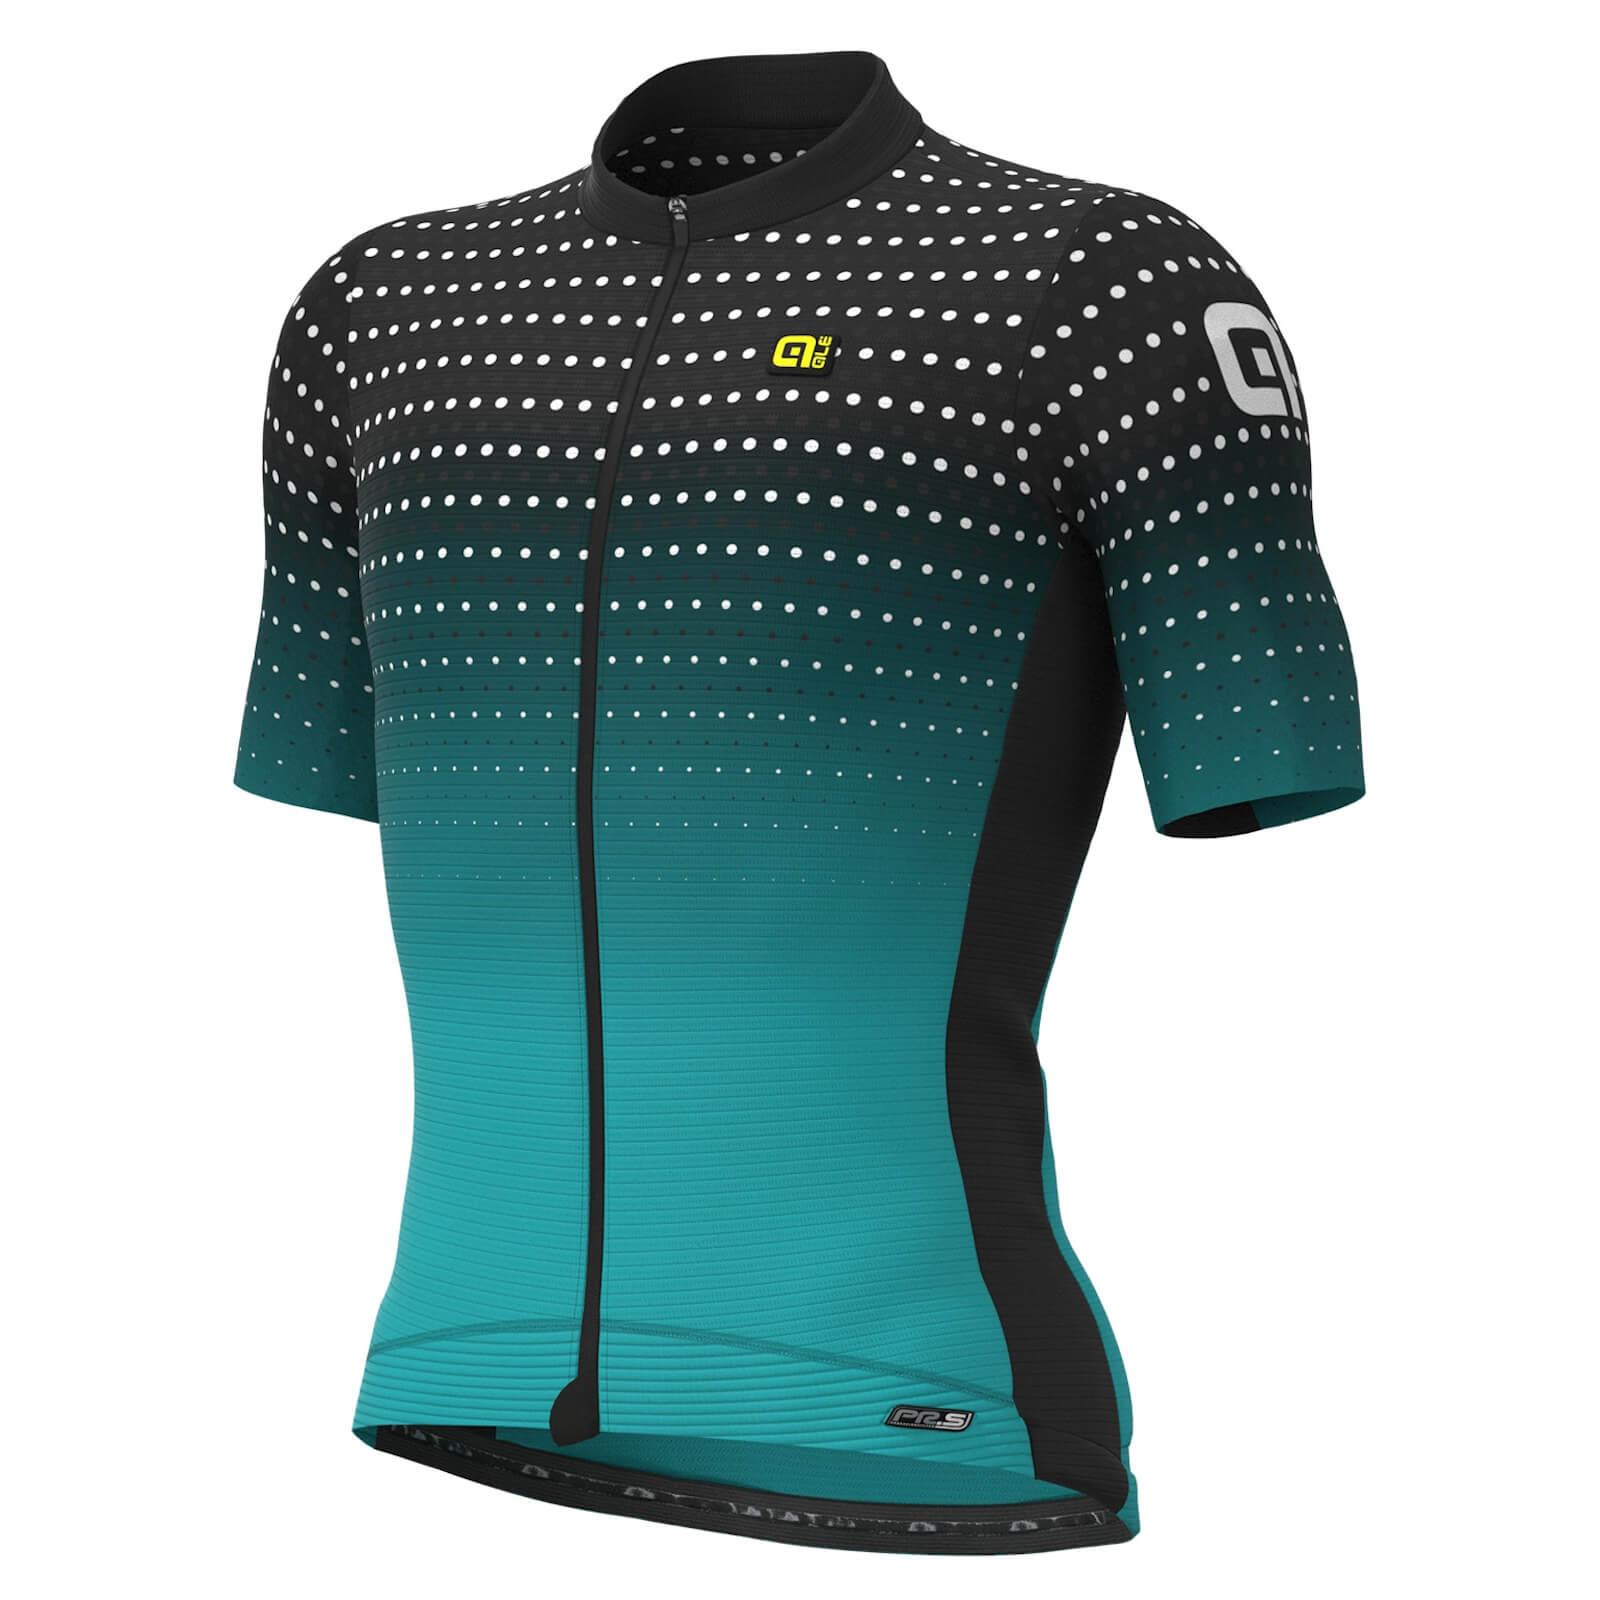 Ale PR-S Bullett Jersey - L - Black/Aqua